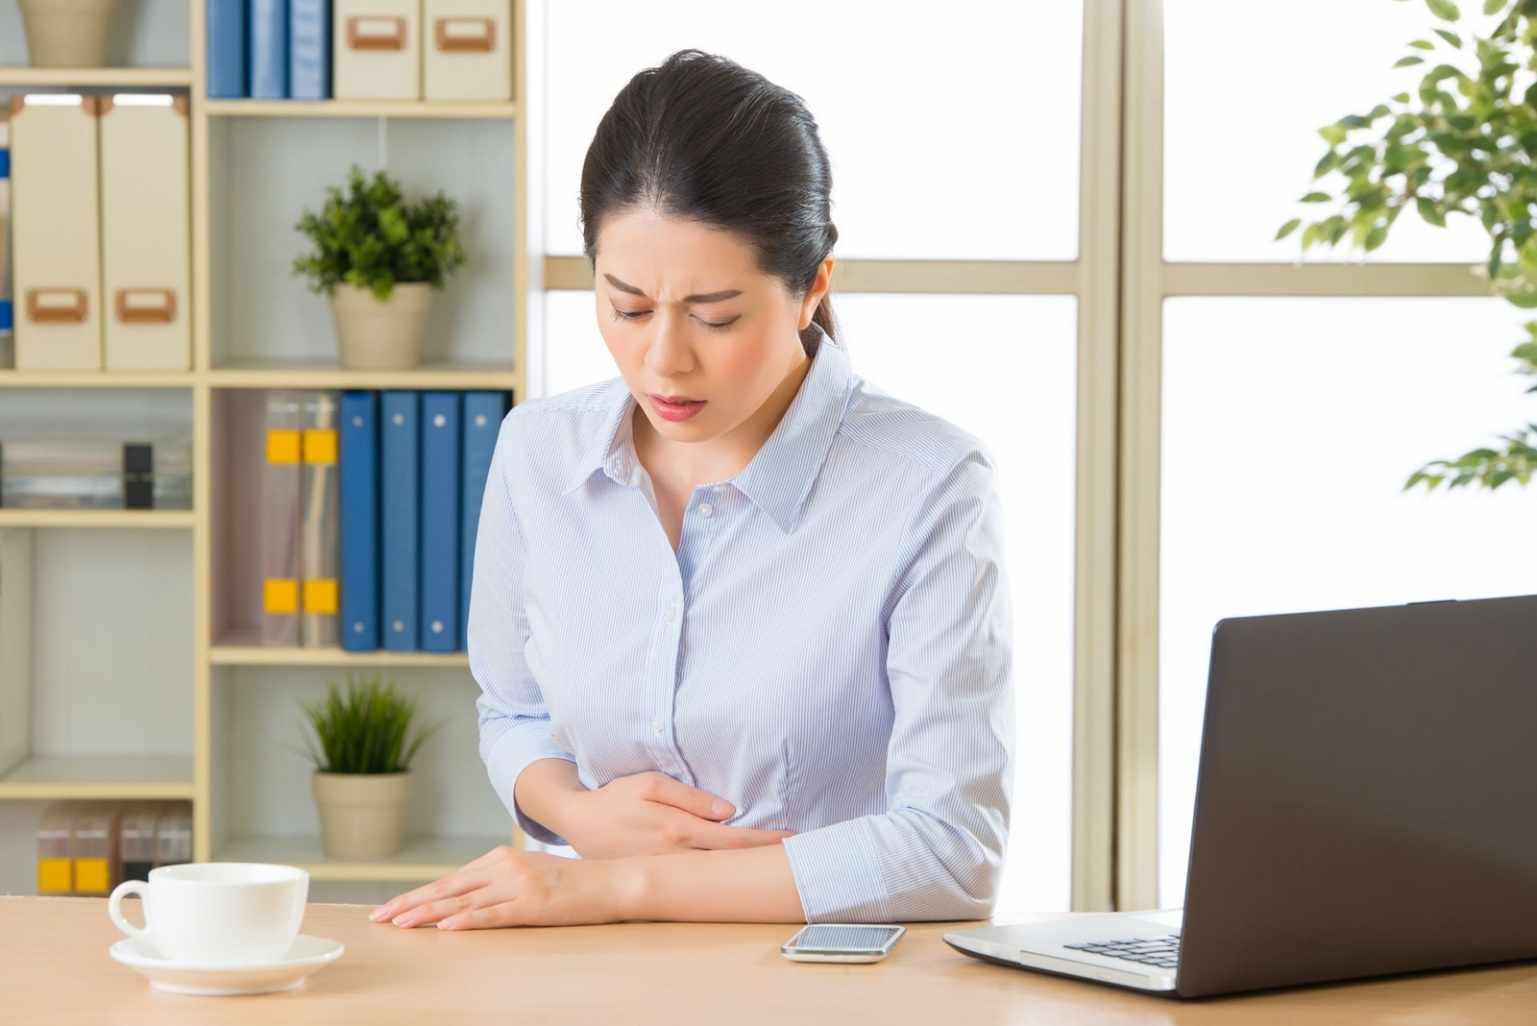 Đau dạ dày là hiện tượng tiết nhiều Acid